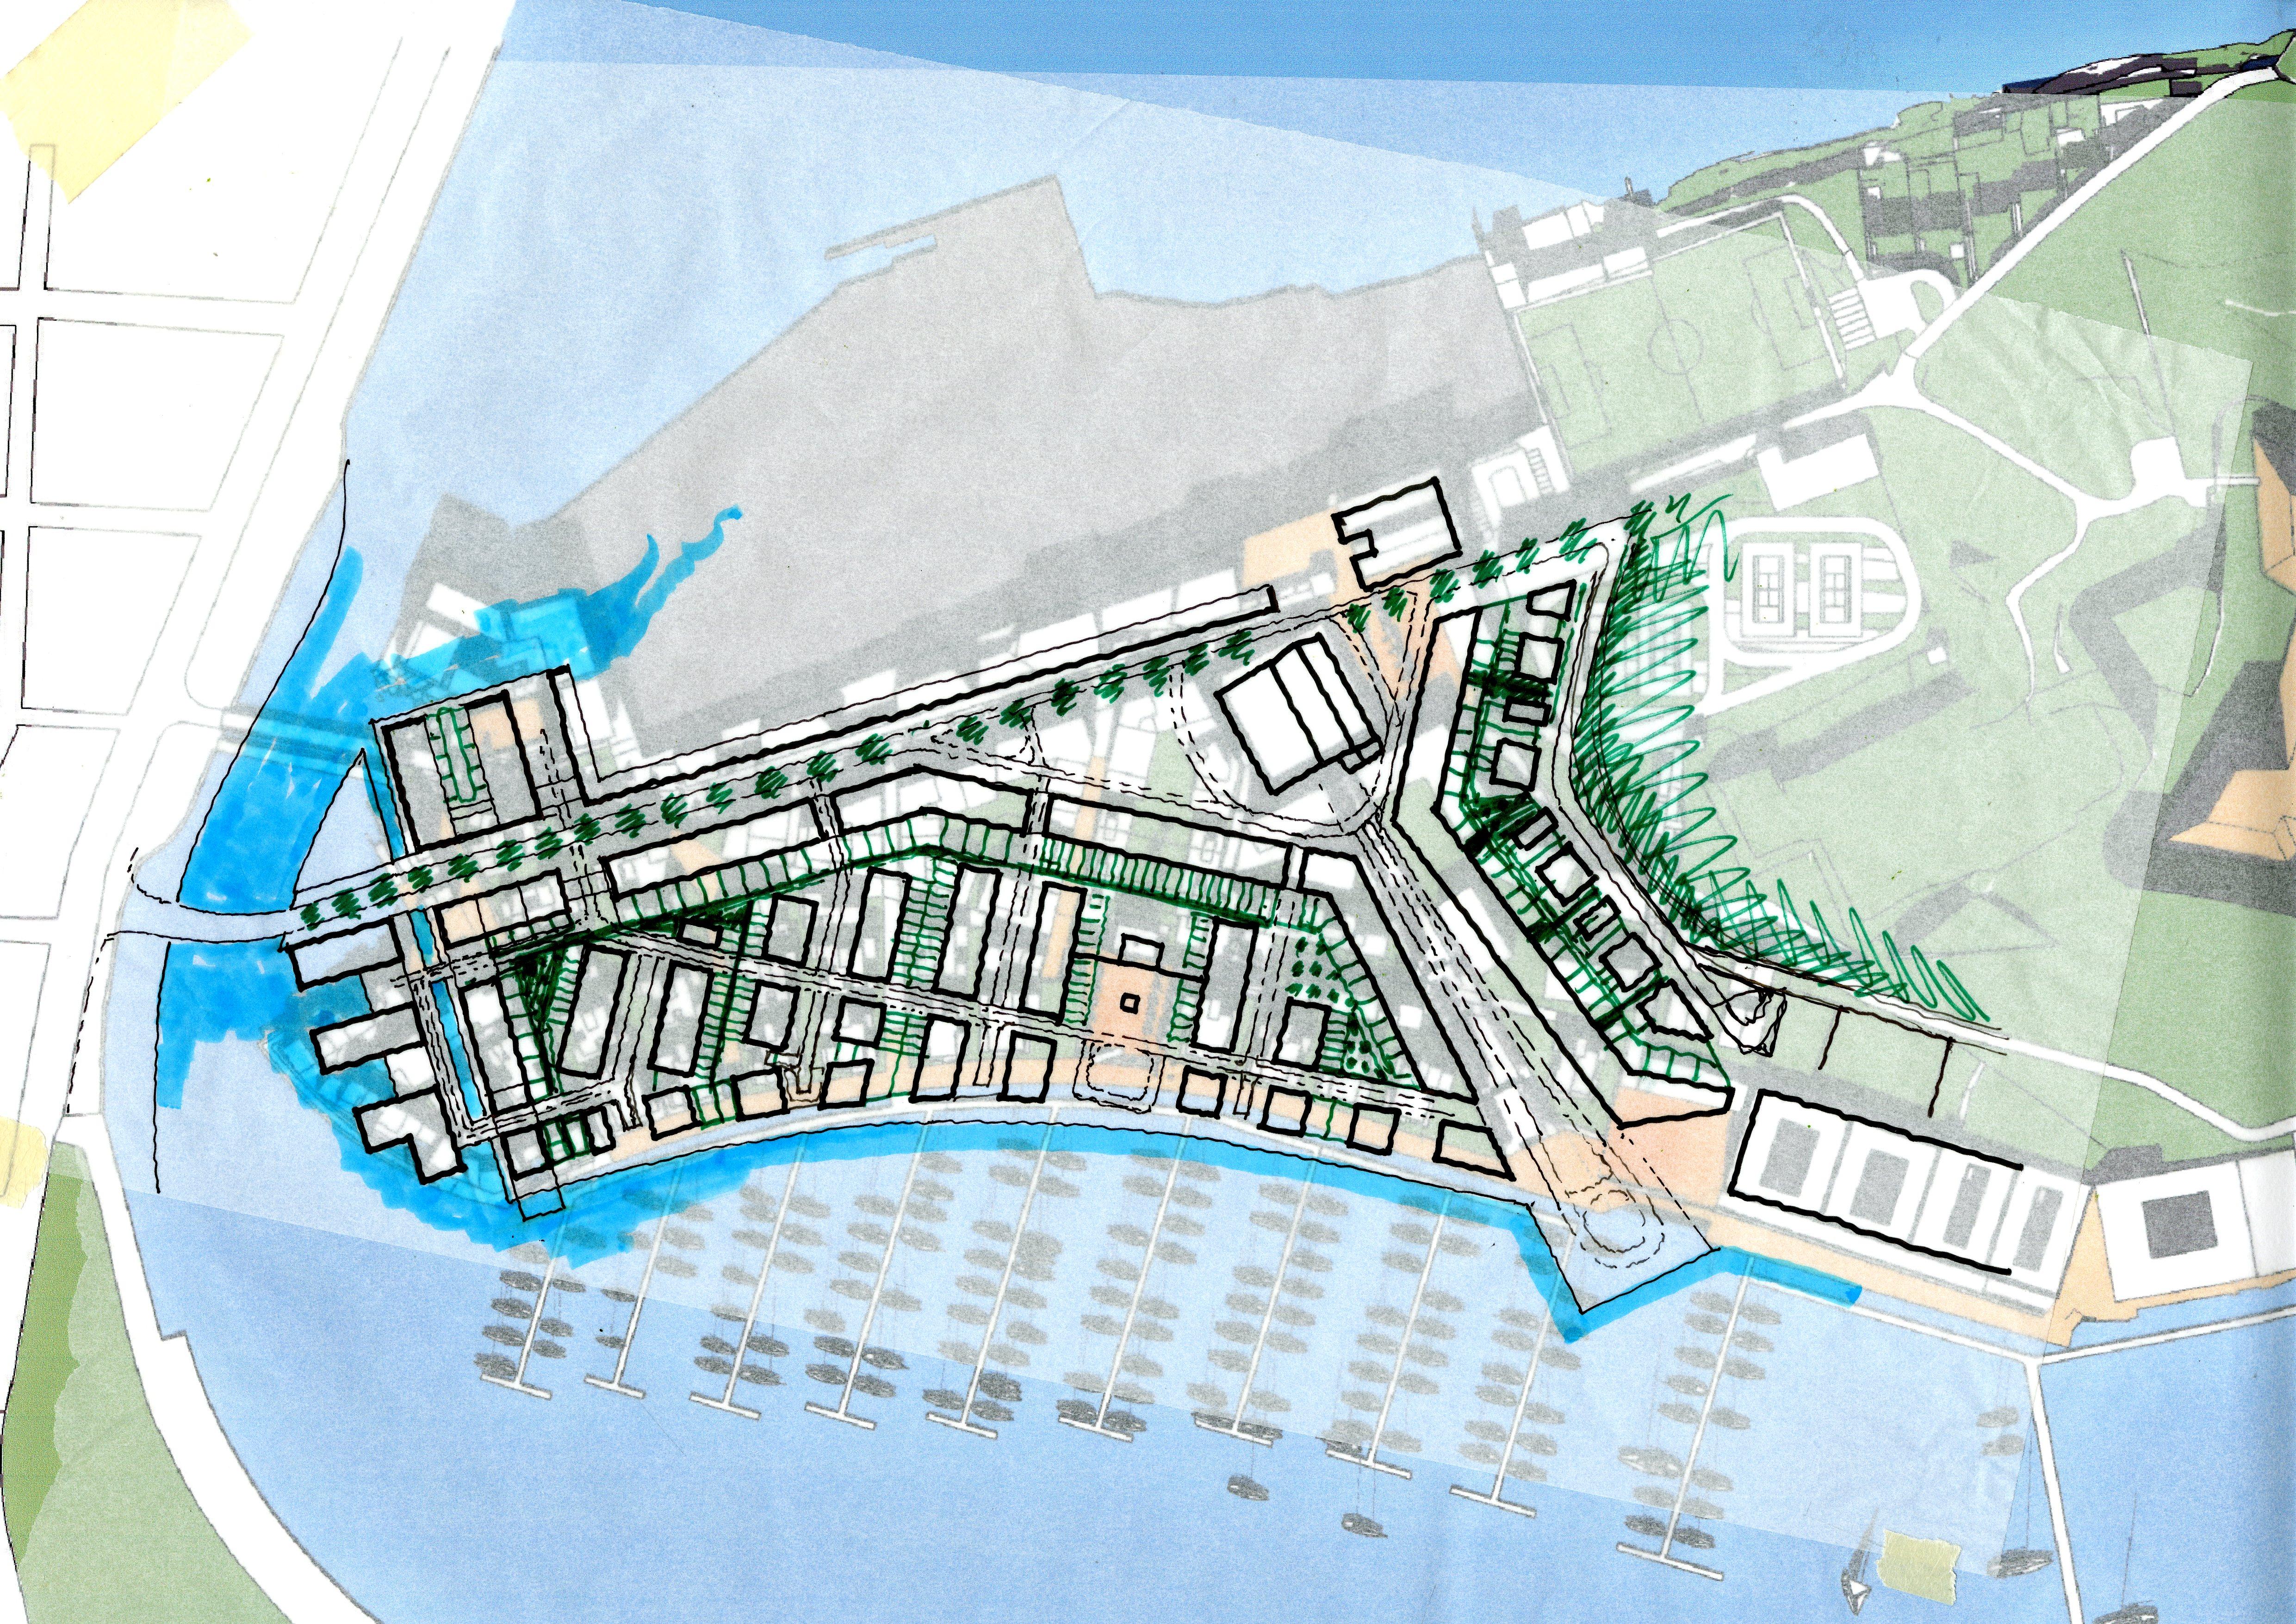 Masterplan of proposal